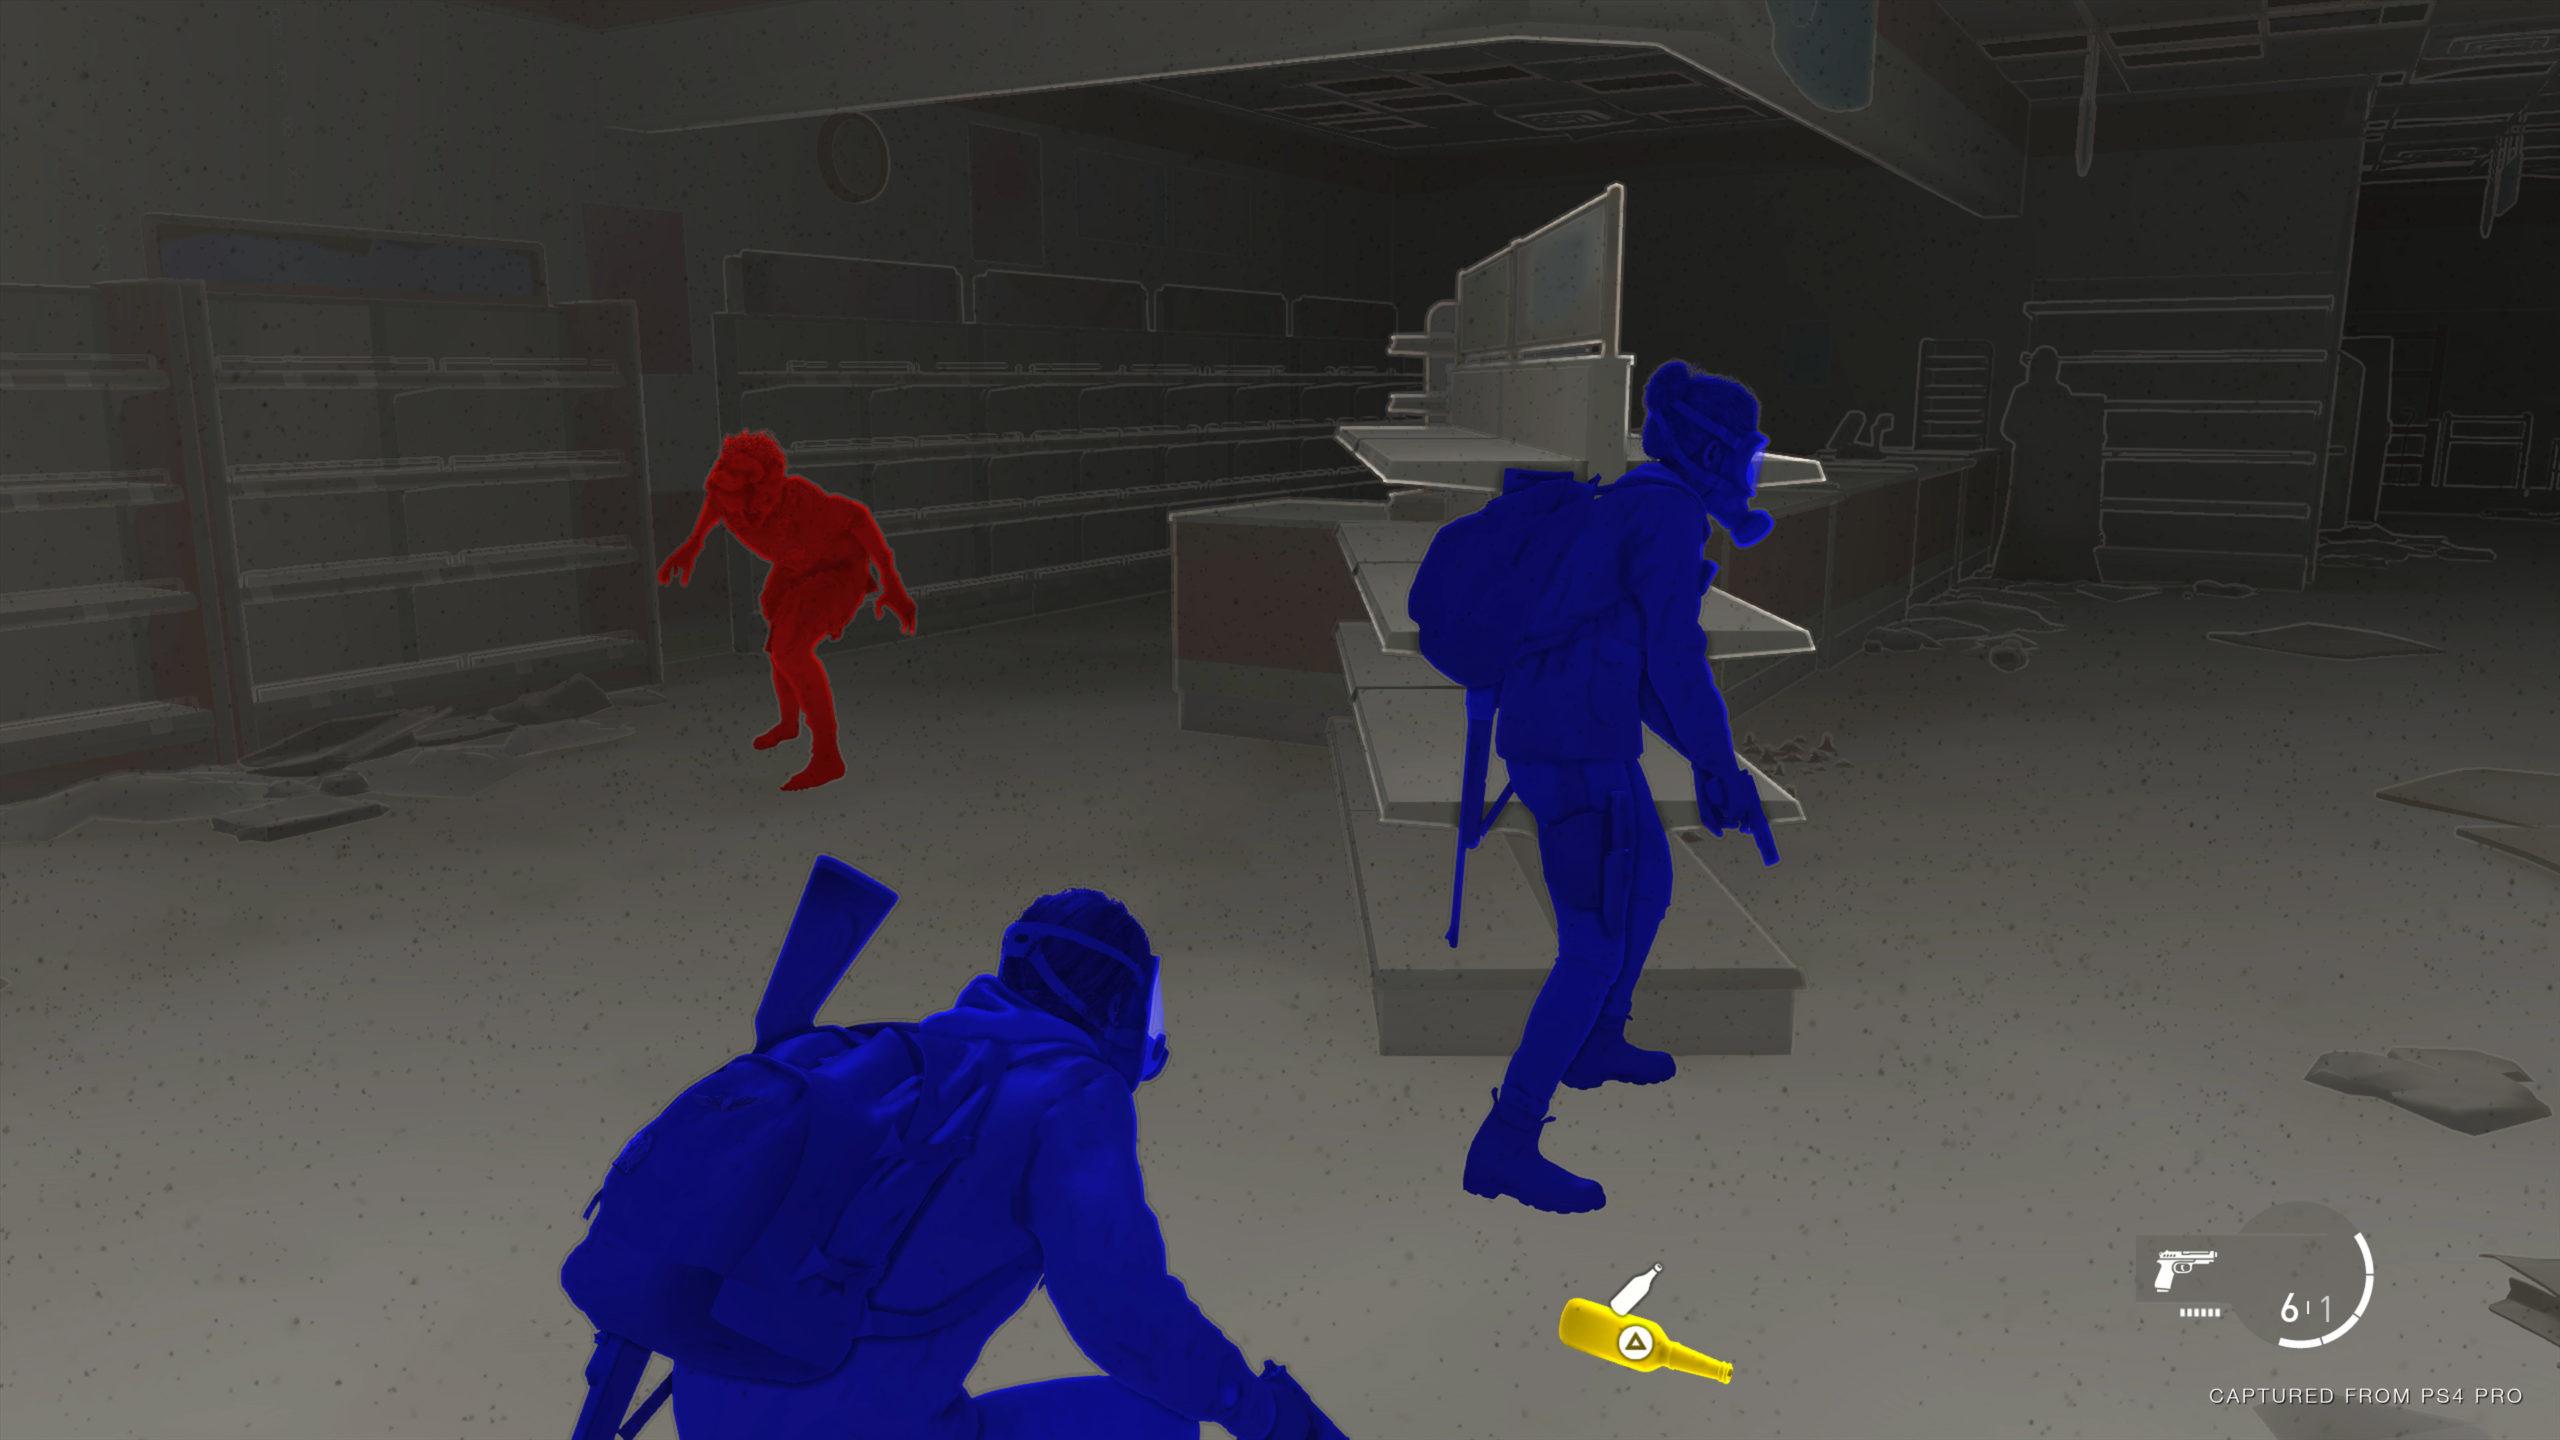 Veränderung des Farbkontrast der Barrierefreiheit in The Last of Us 2